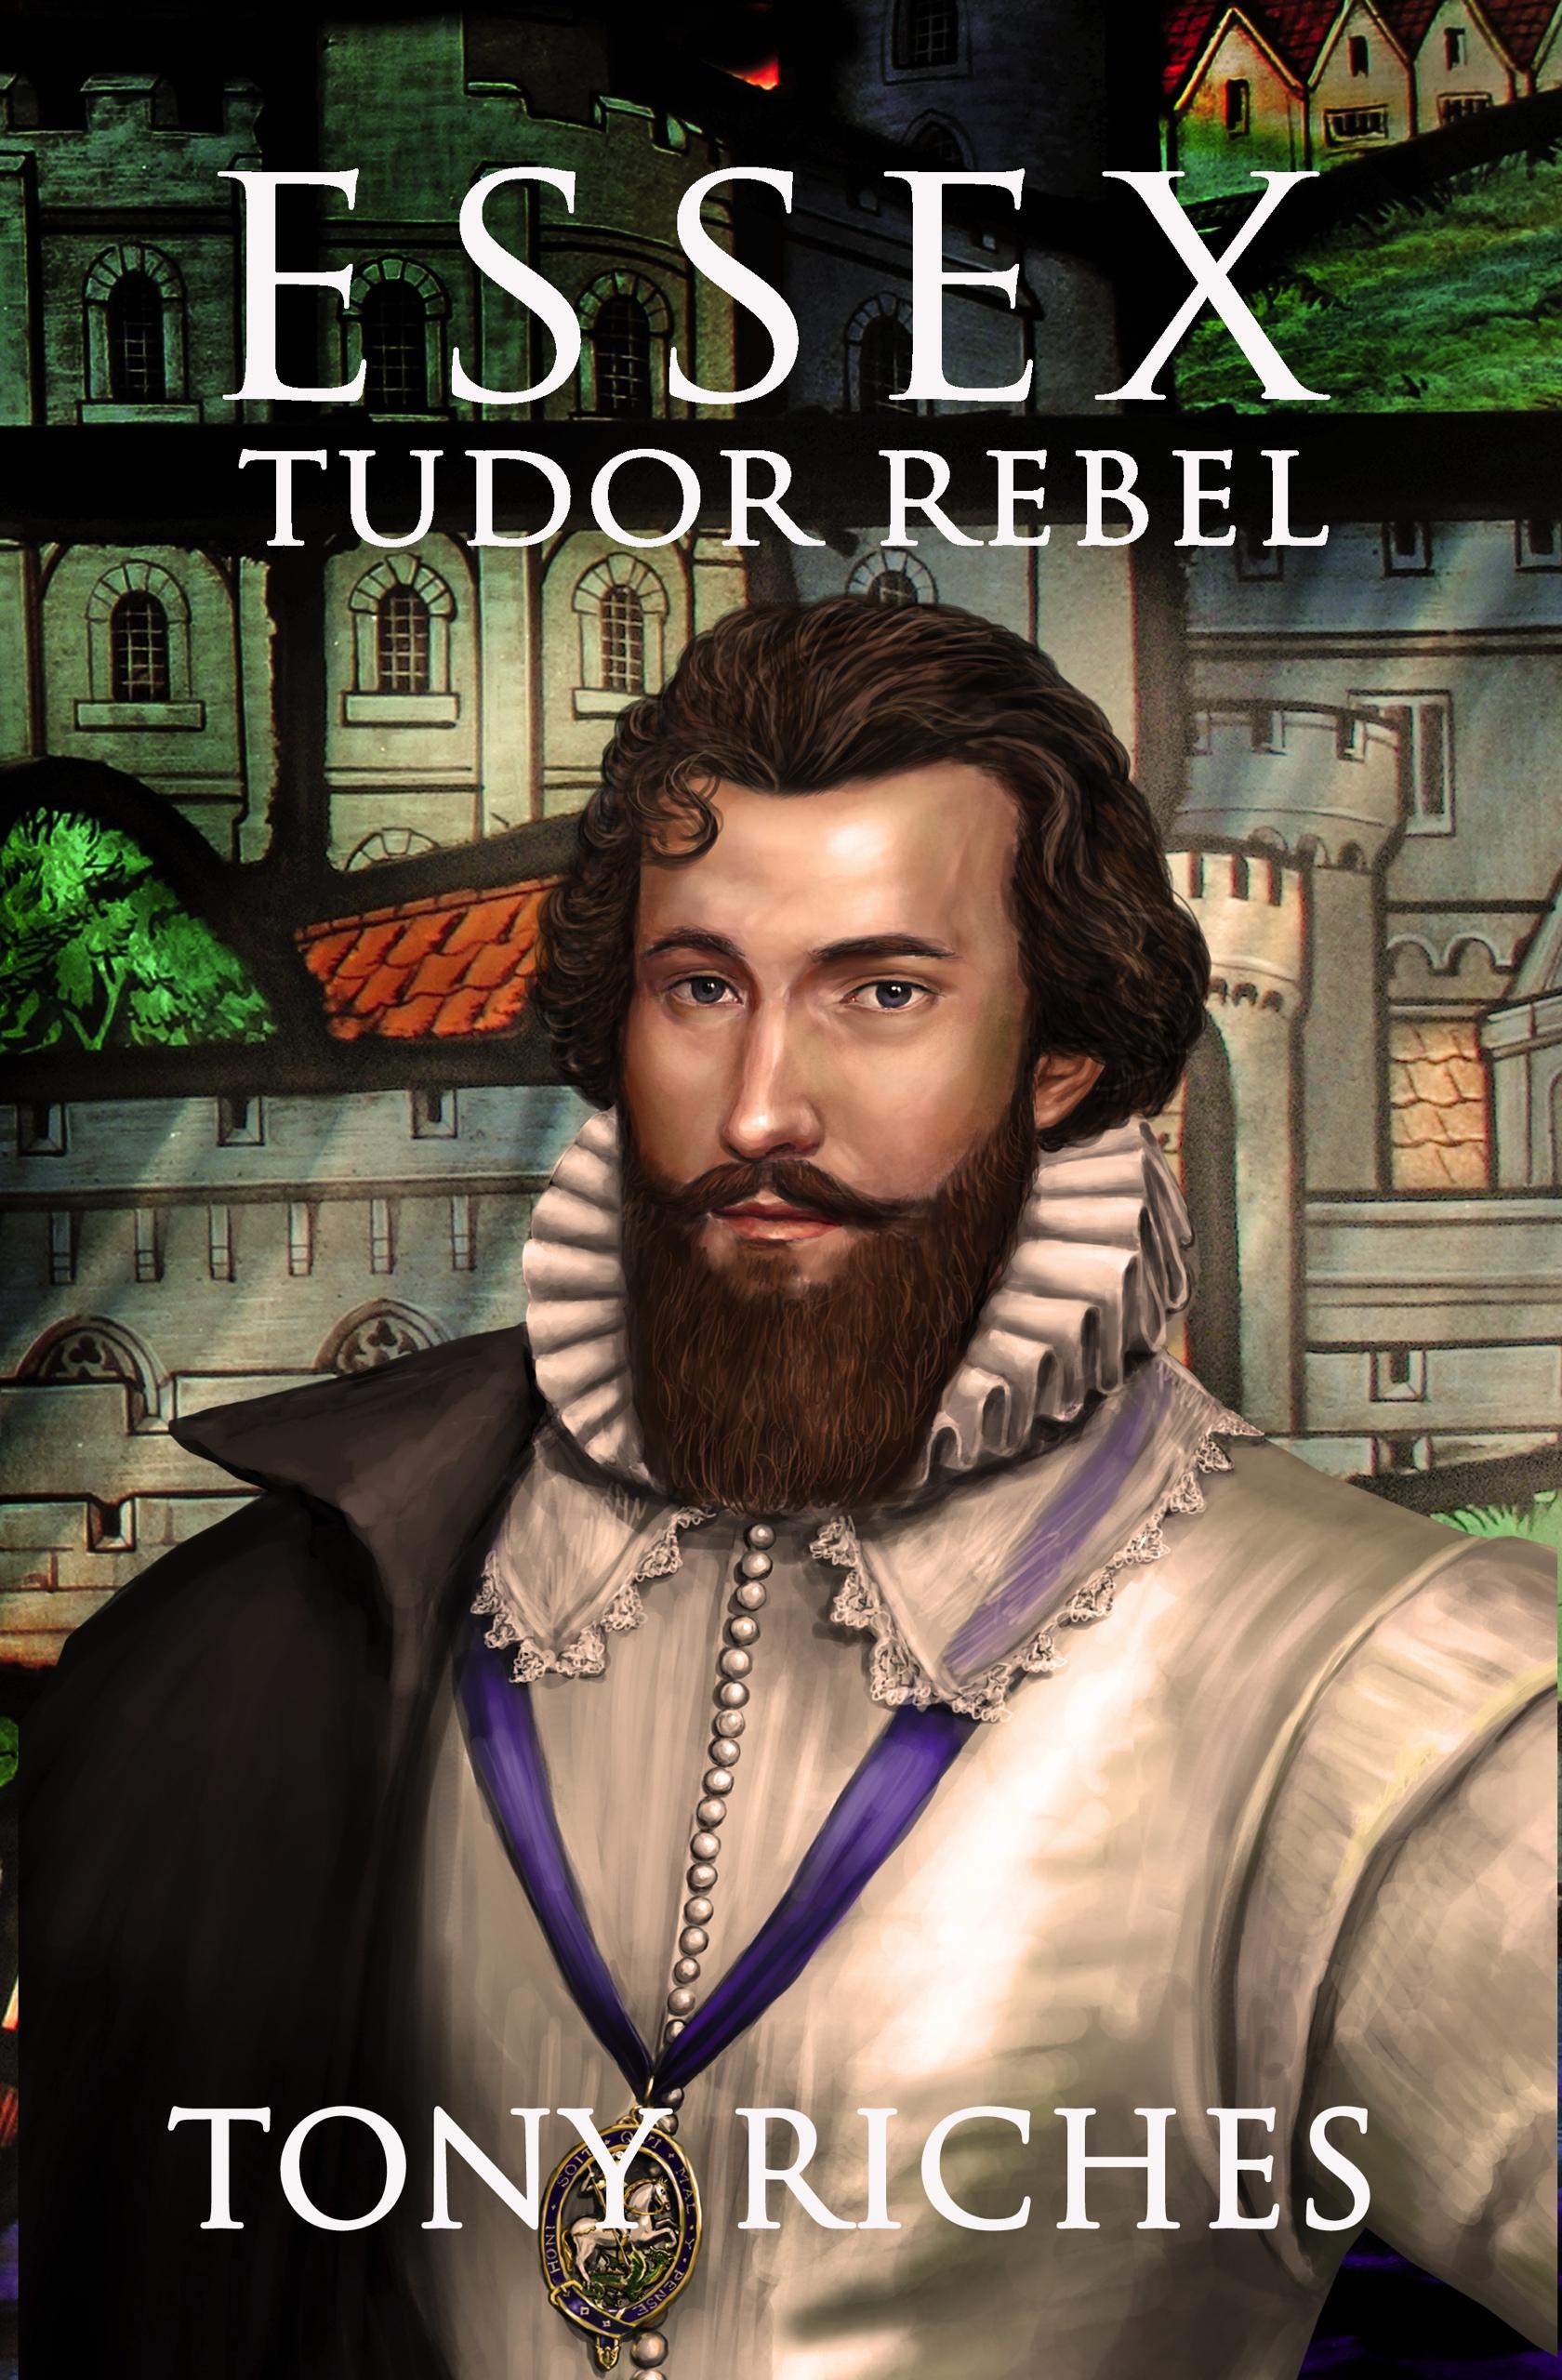 Essex---Tudor-rebel-Kindle